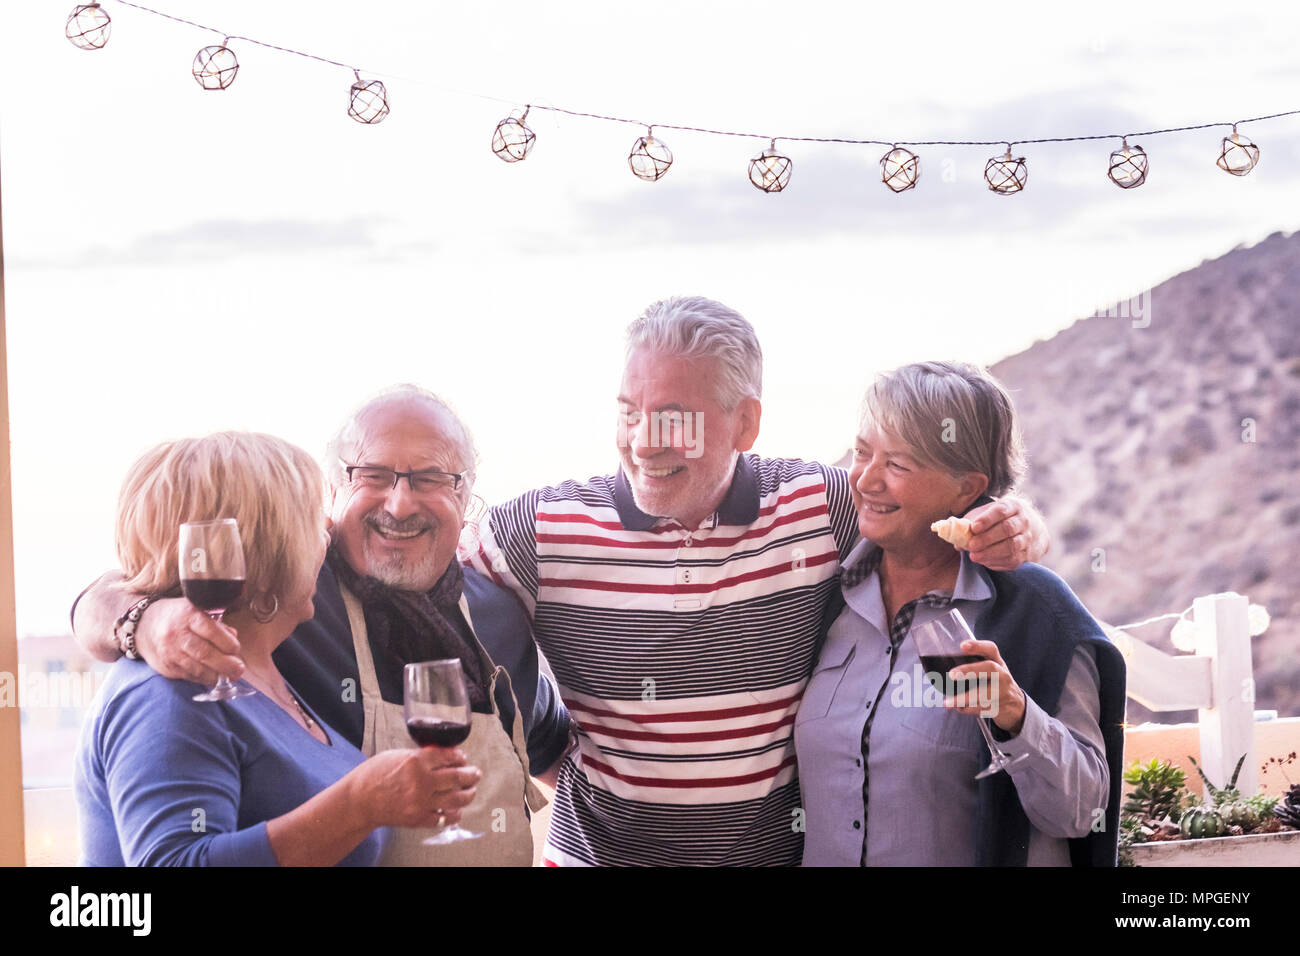 Groupe de 4 personnes âgées, deux couples, rester ensemble et s'amuser enjoing une coupe de vin en plein air sur le toit. locations de personnes âgées et de l'amitié. concept soleil Photo Stock